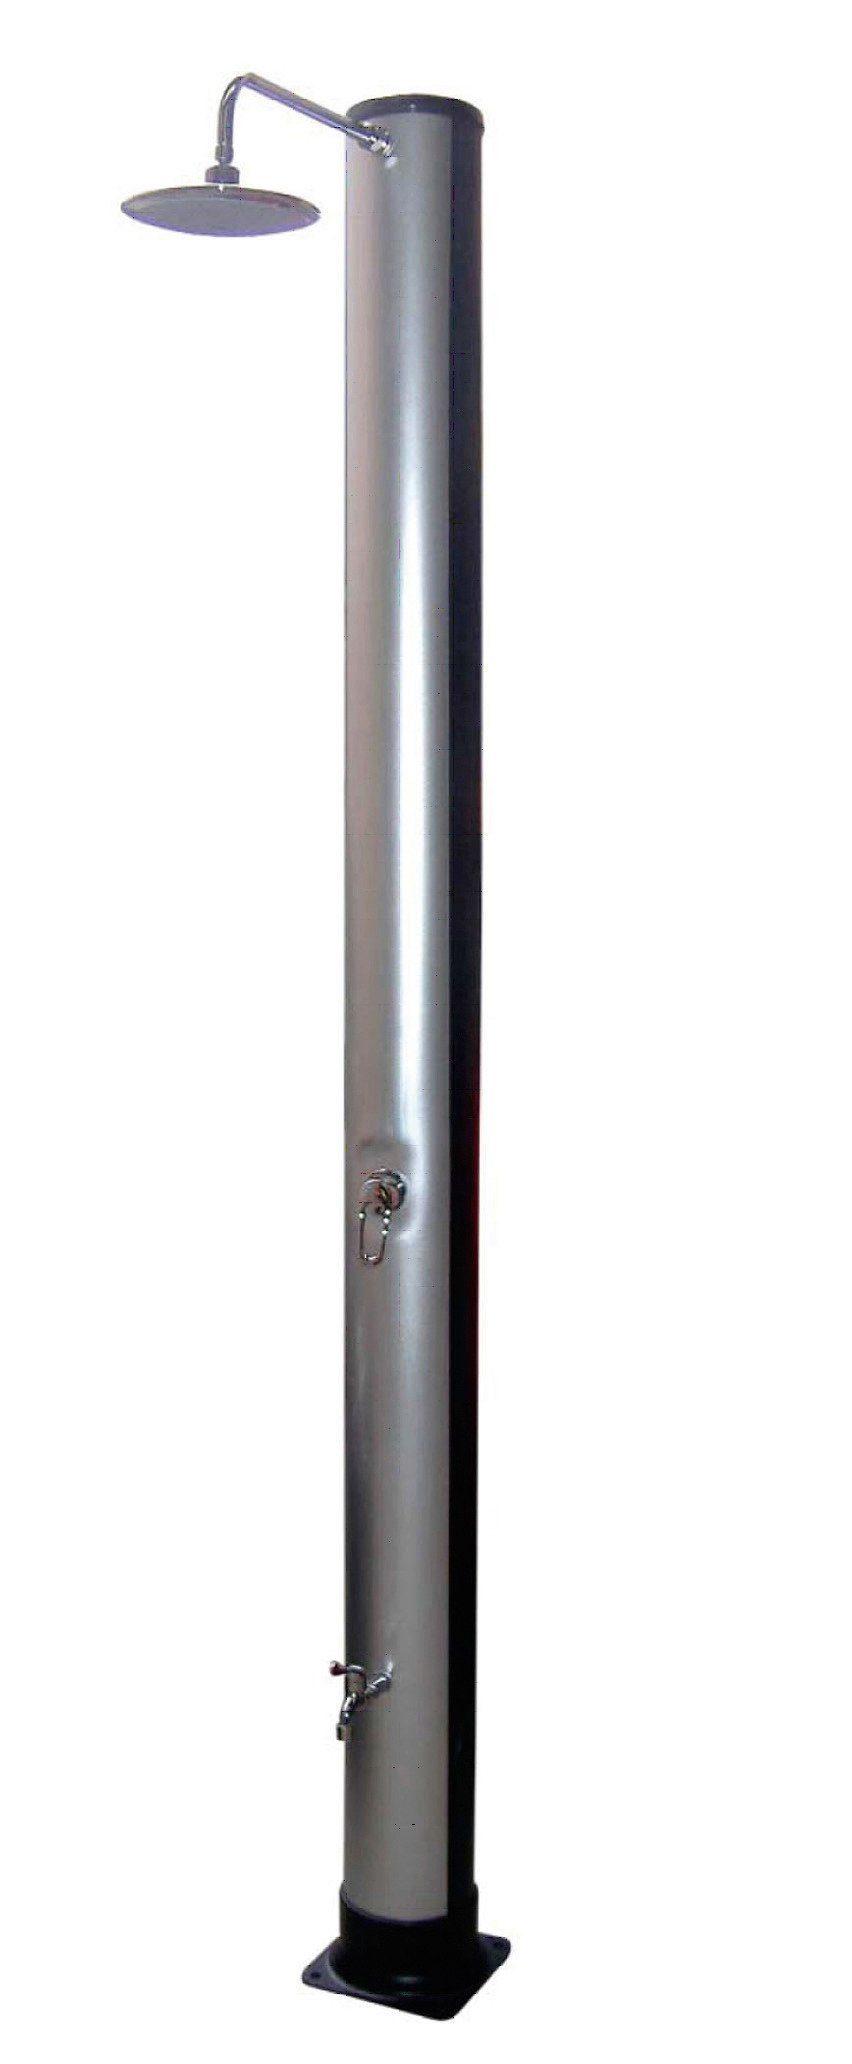 SUMMER FUN Solardusche »SilverDeLuxe«, 226 cm, silber